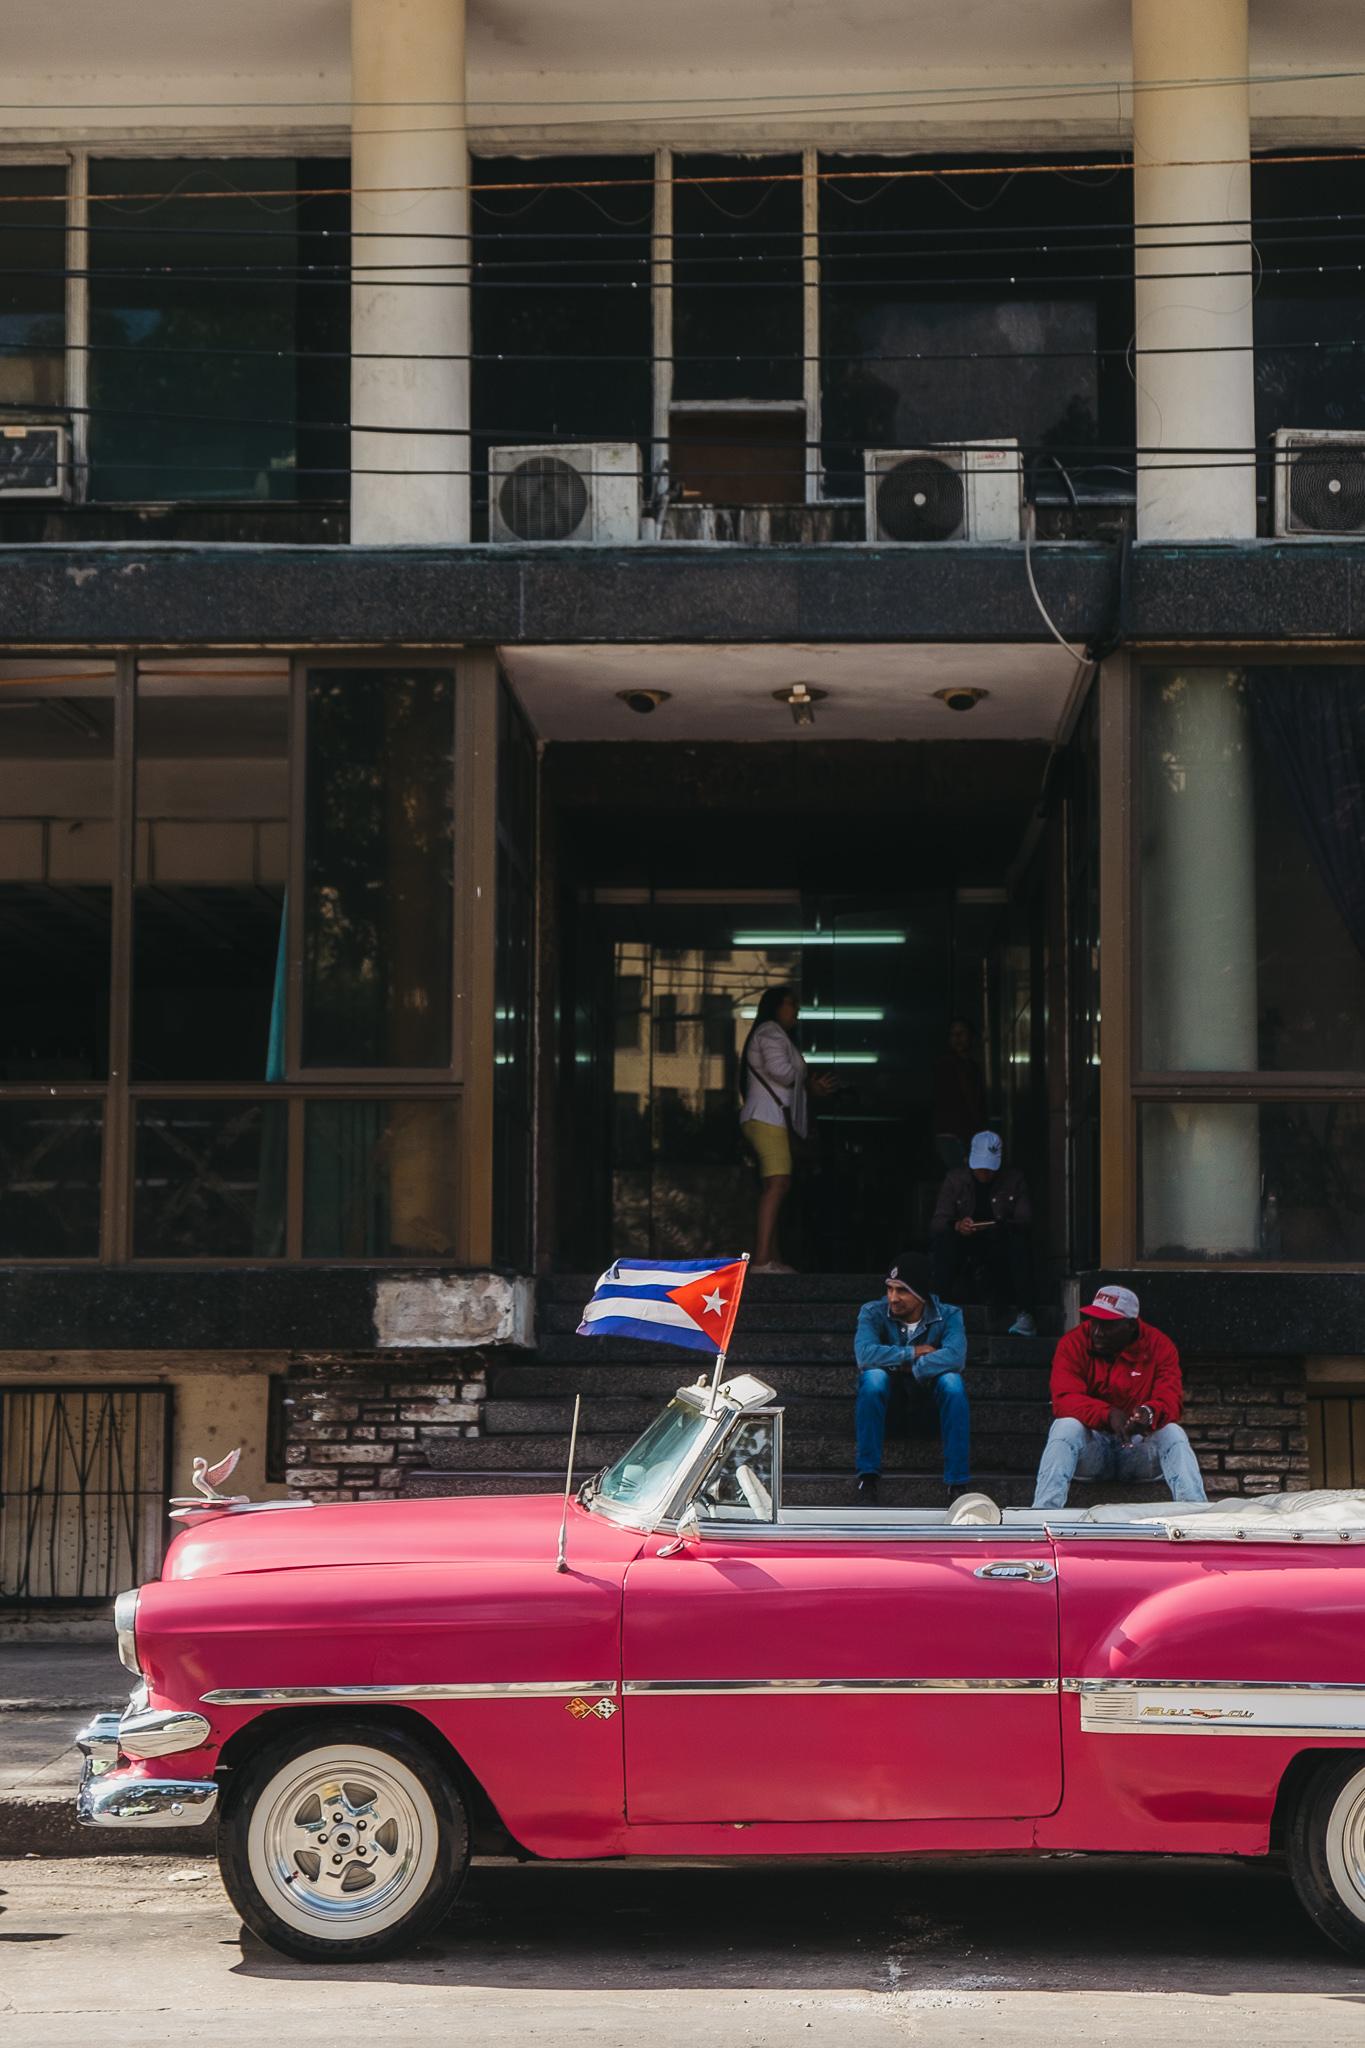 Cuba-2017-12-Havana-0700.jpg